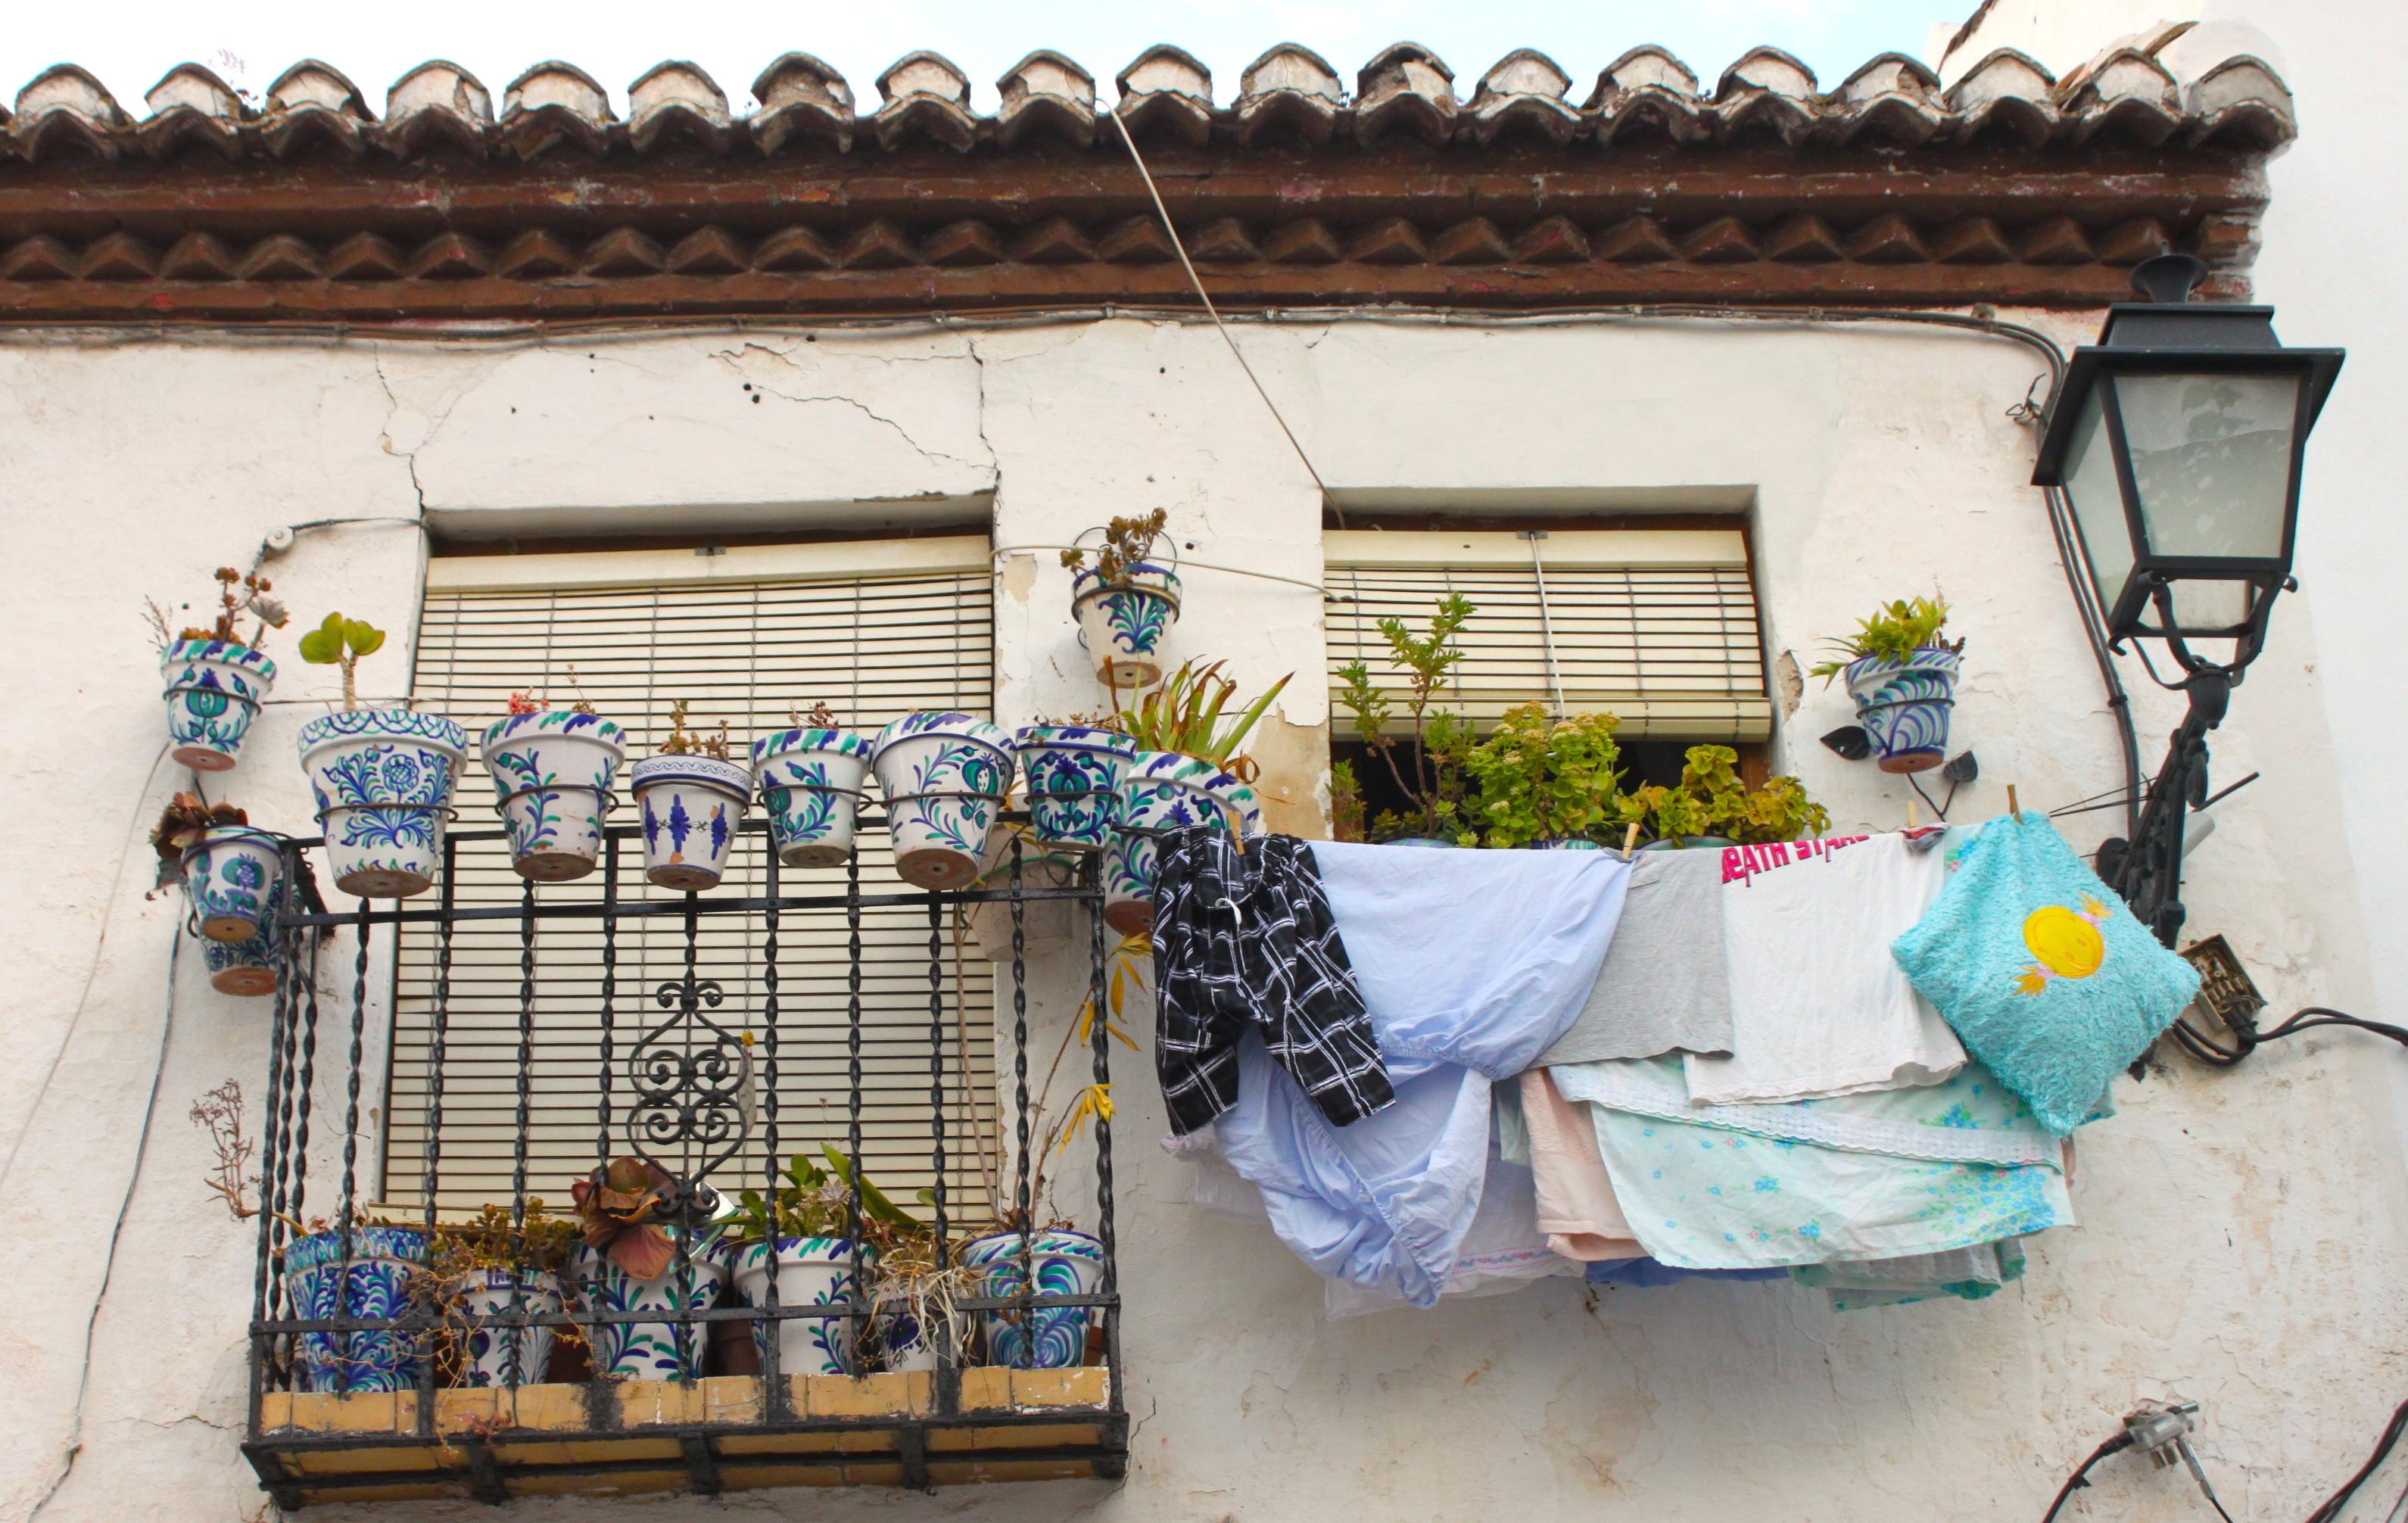 Sui balconcini andalusi o ci stanno i vasi di fiori o ci stanno le persone